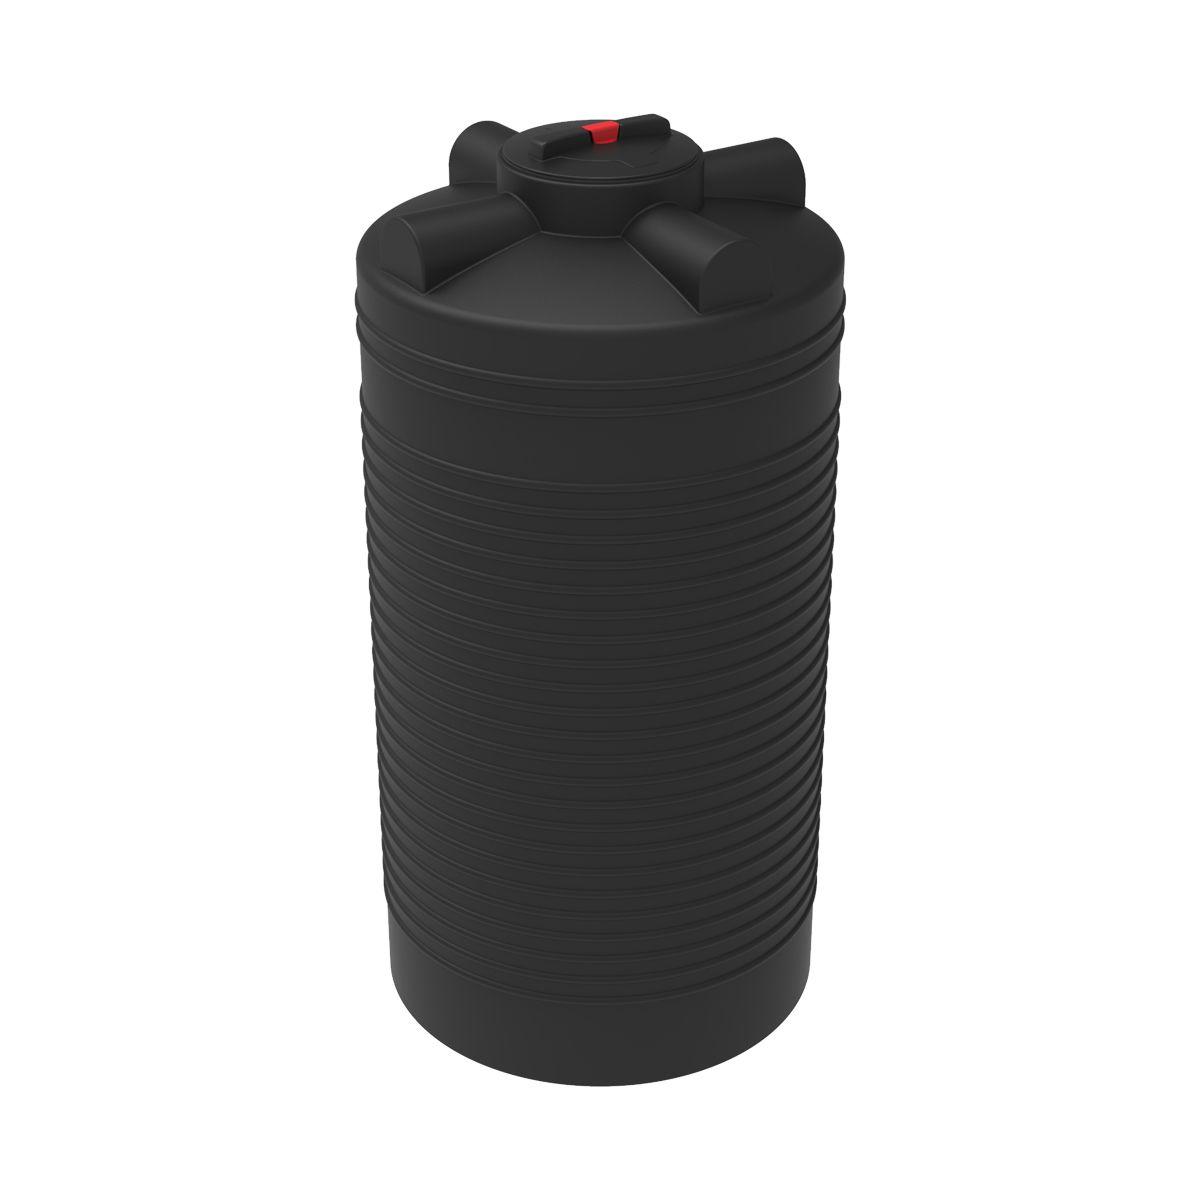 Емкость для воды ЭВЛ-Т 1000 литров пластиковая черная